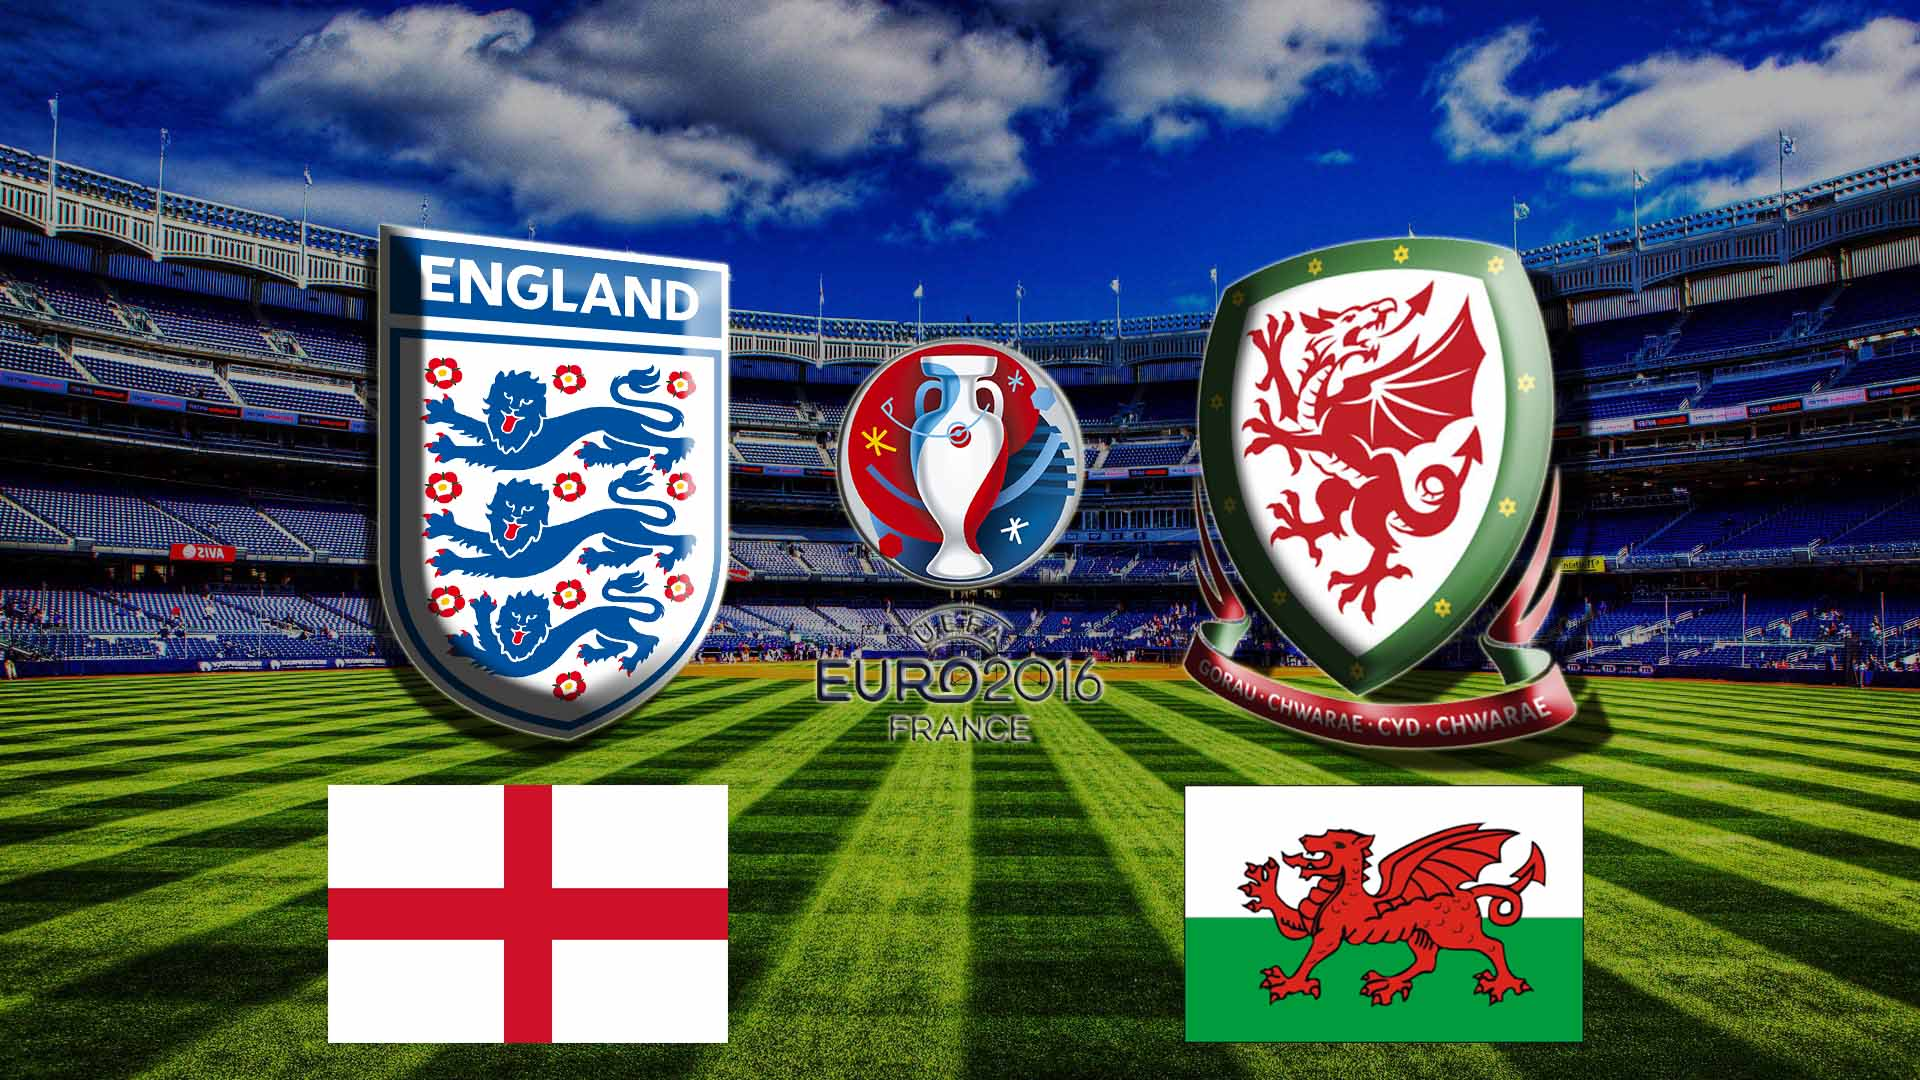 Прогноз на матч Англия - Уэльс Чемпионата Европы 16 июня 2016